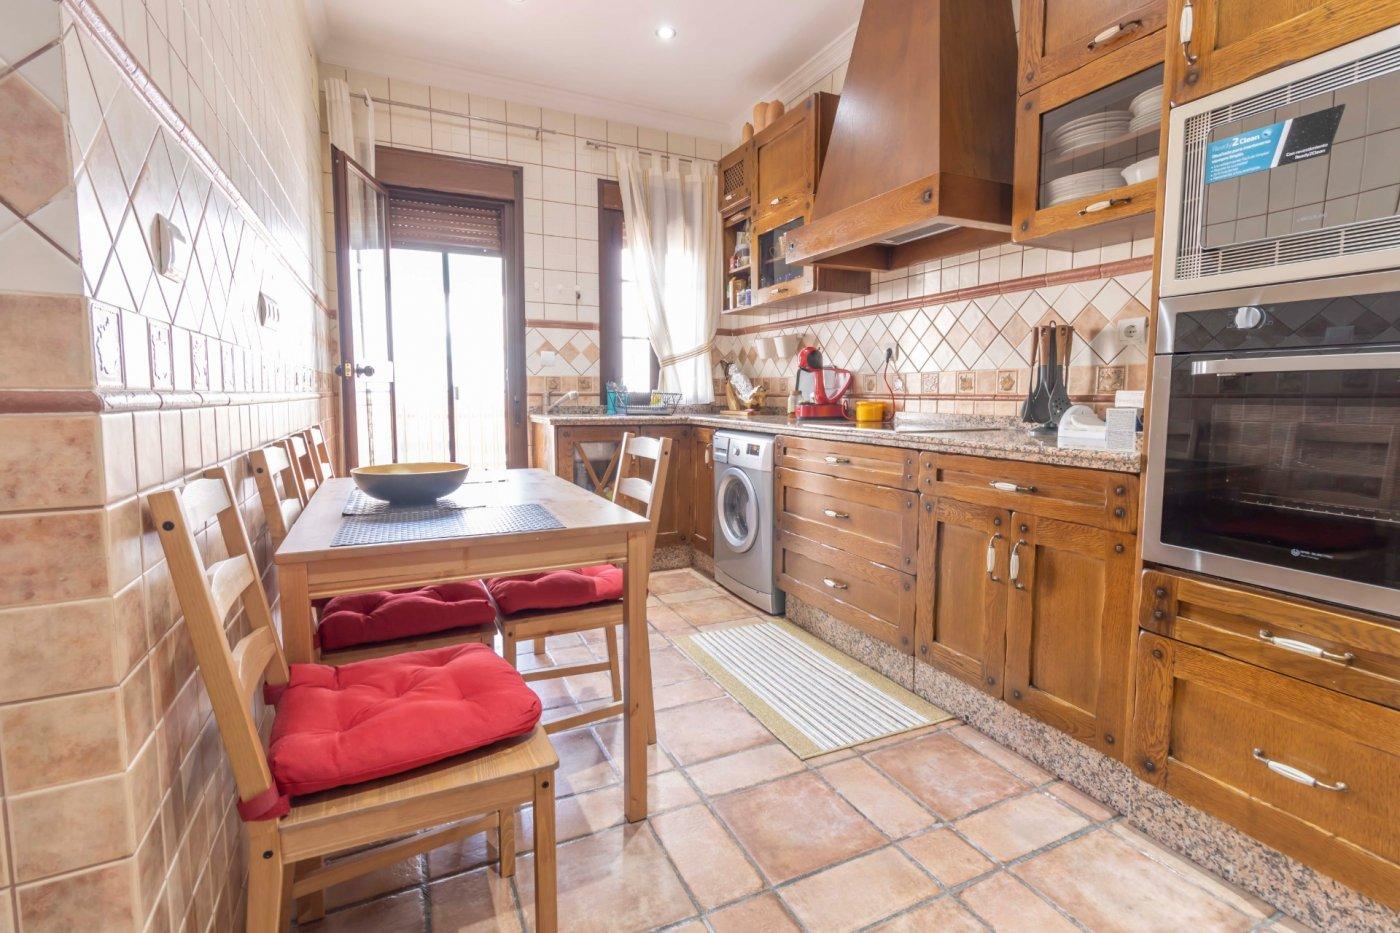 Casa a la venta en burguillos - imagenInmueble24